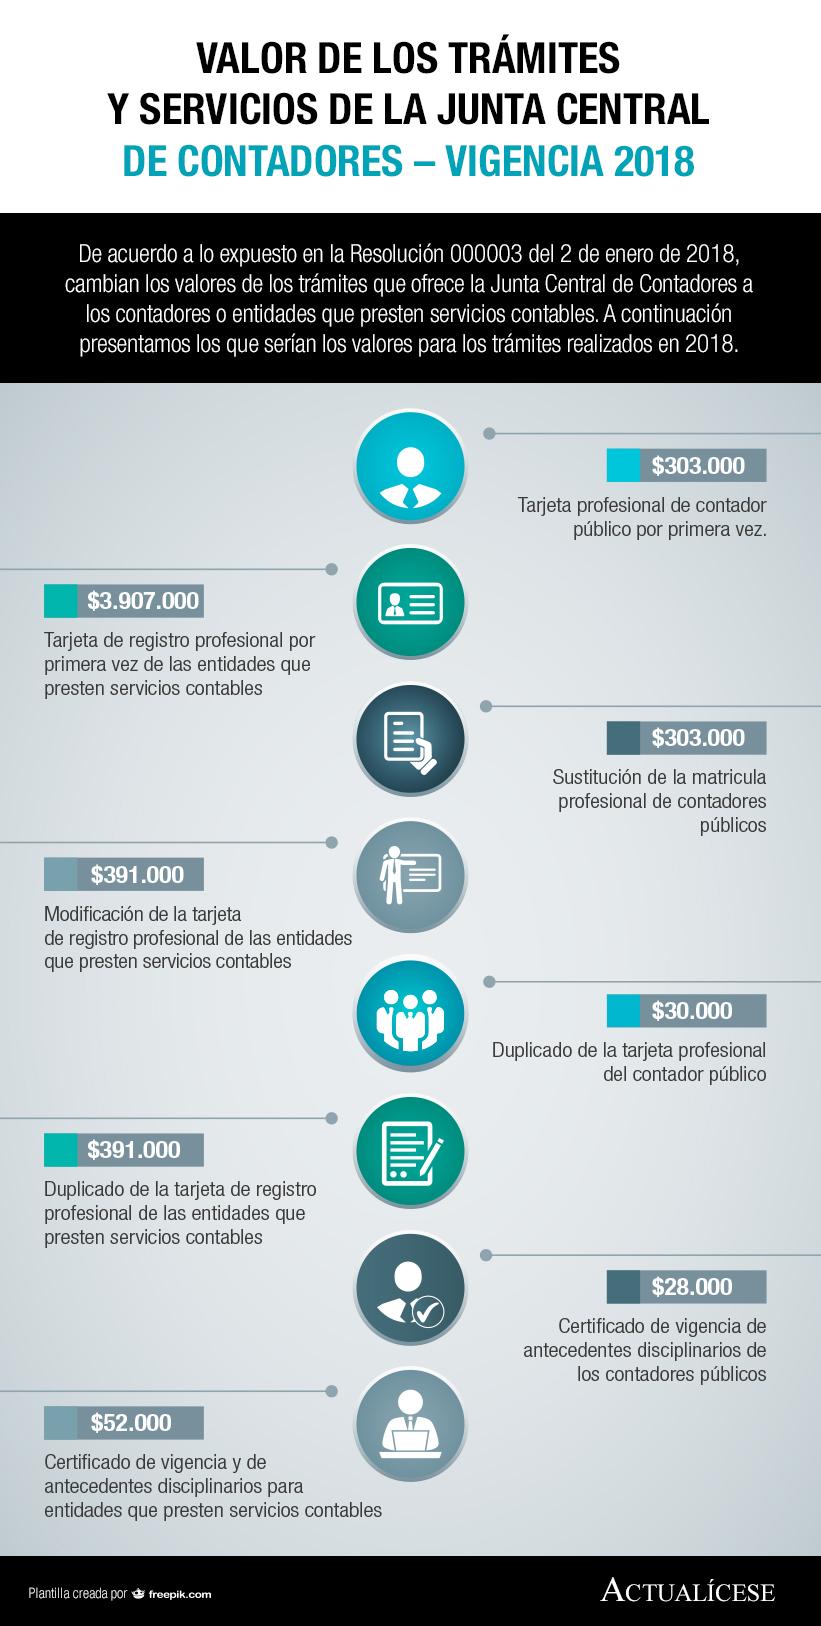 [Infografía] Valor de los trámites y servicios de la Junta Central de Contadores – vigencia 2018